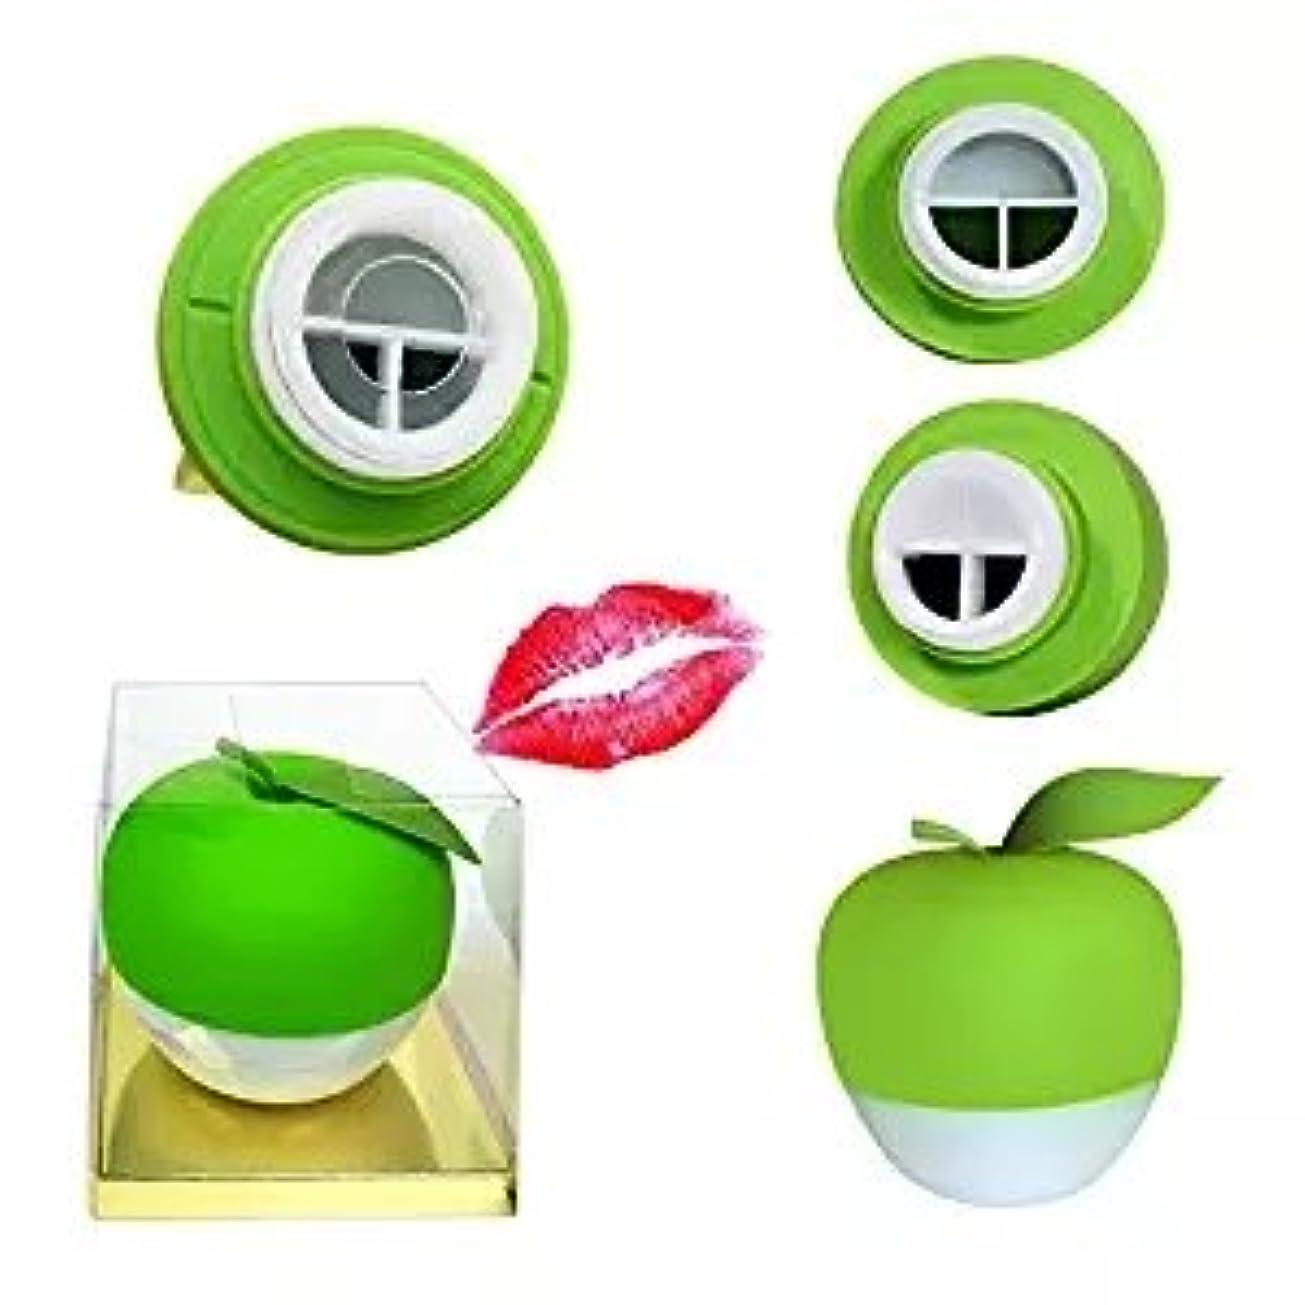 カウンターパート食べる着飾るYartar リップエンハンサー セクシーリップス  シリコン製 コンパクト ピンク Lip Plumper (グリーン)